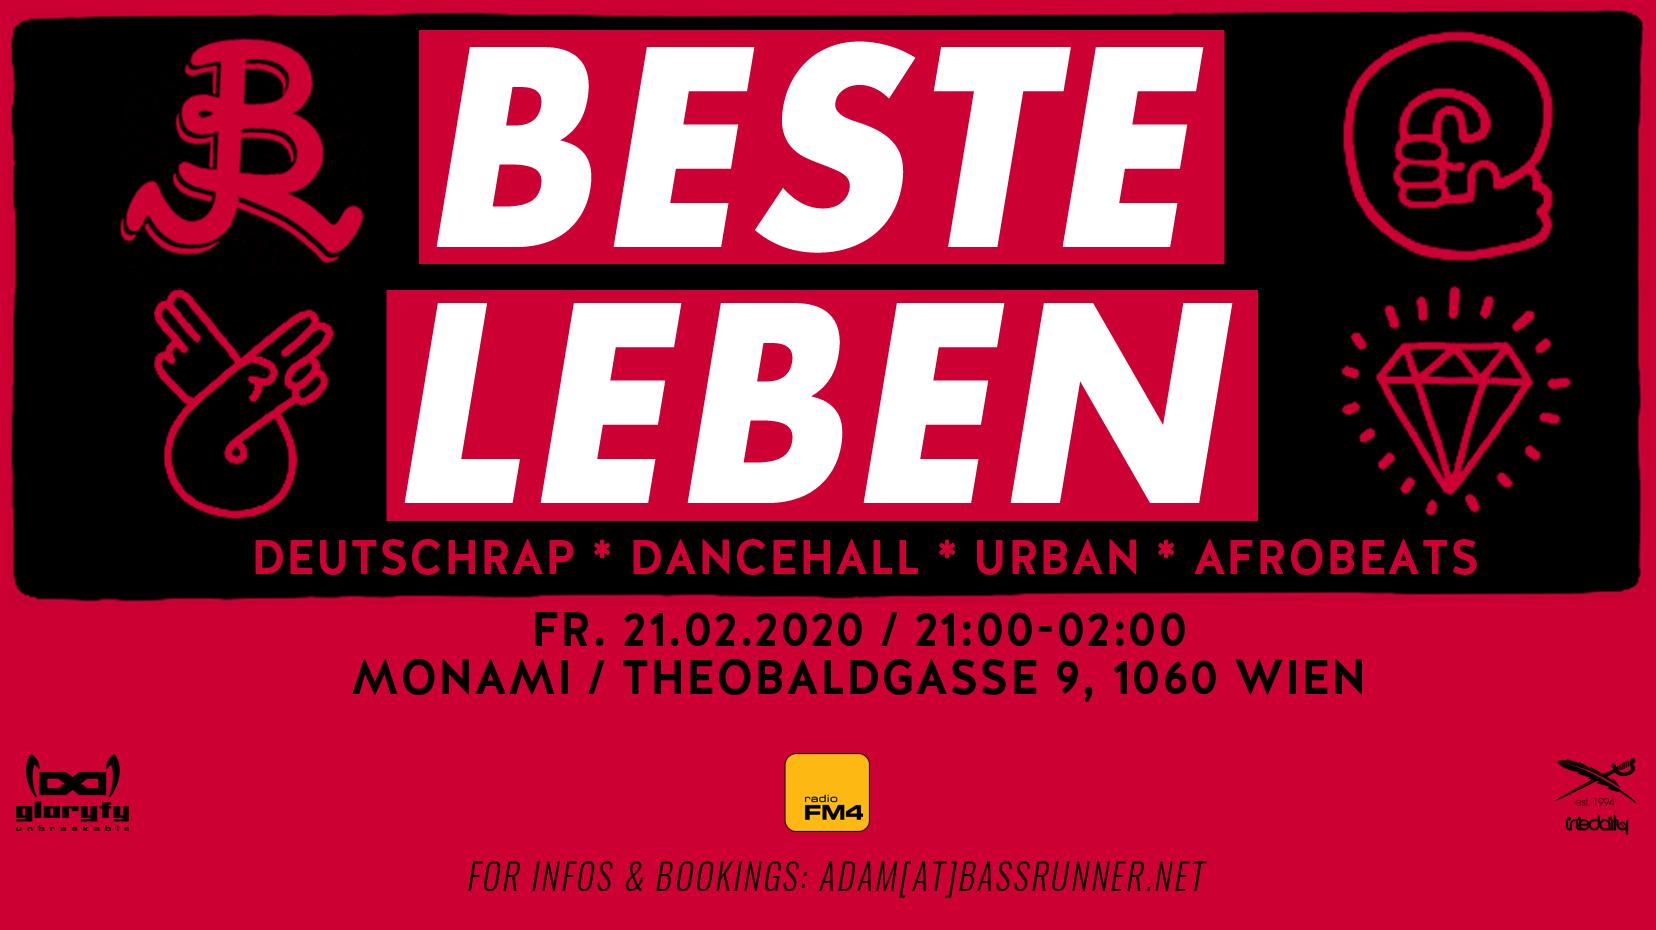 BESTE LEBEN - Deutschrap * Dancehall * Urban * am 21. February 2020 @ Mon Ami.